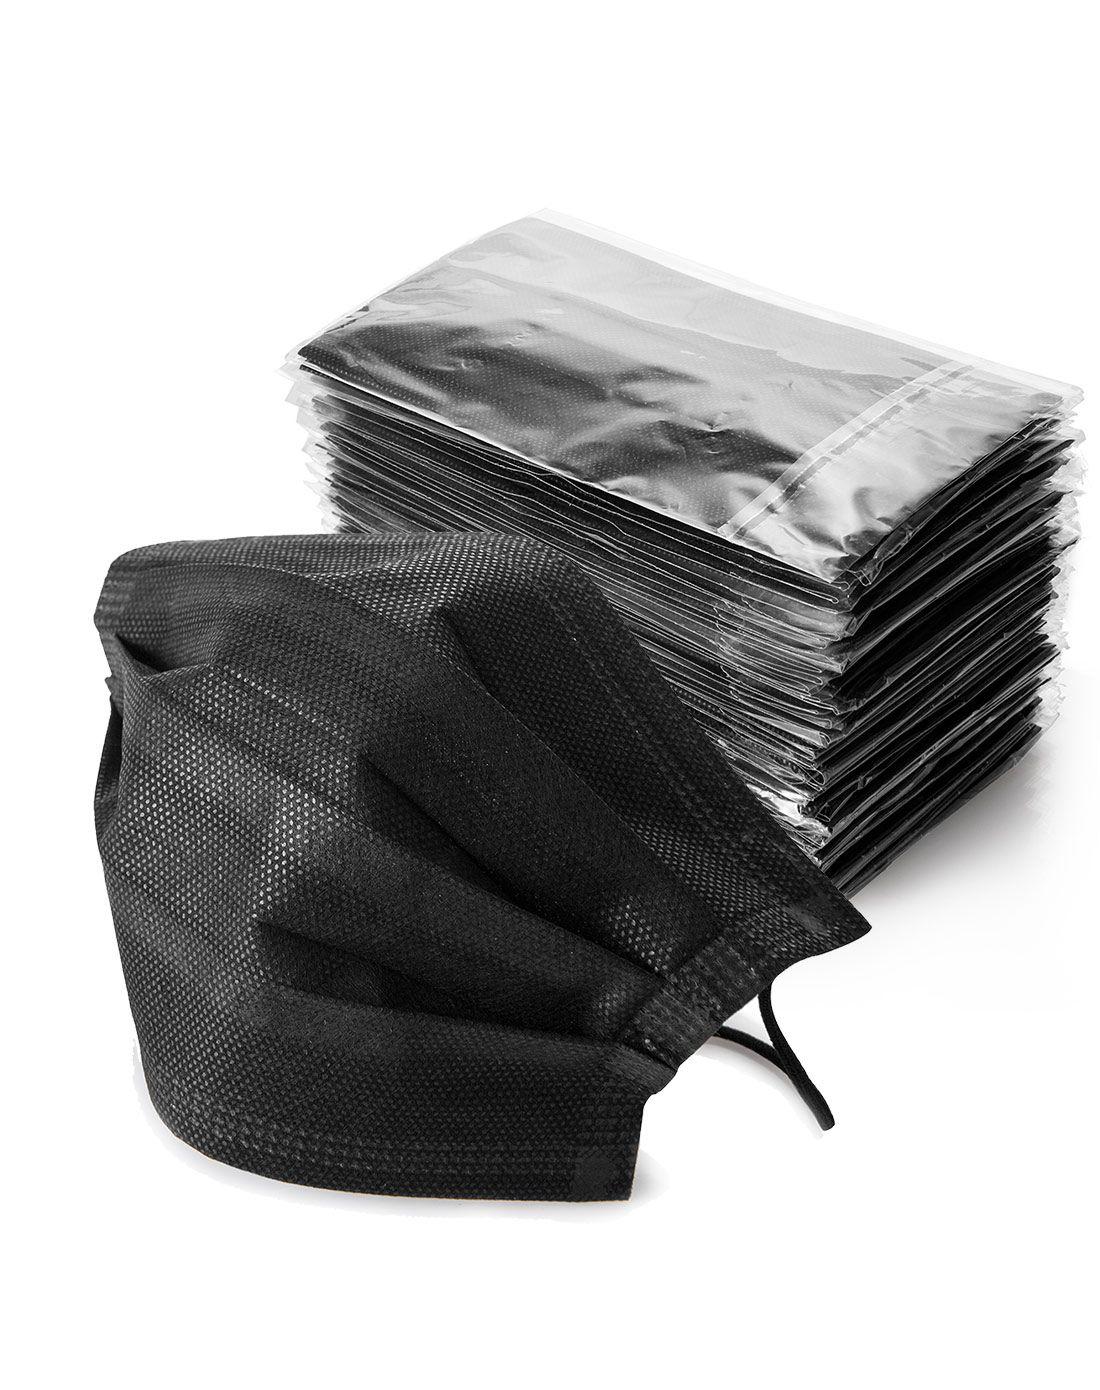 jm居家良品防粉尘雾霾透气防晒一次性活性炭口罩(50入-黑色)